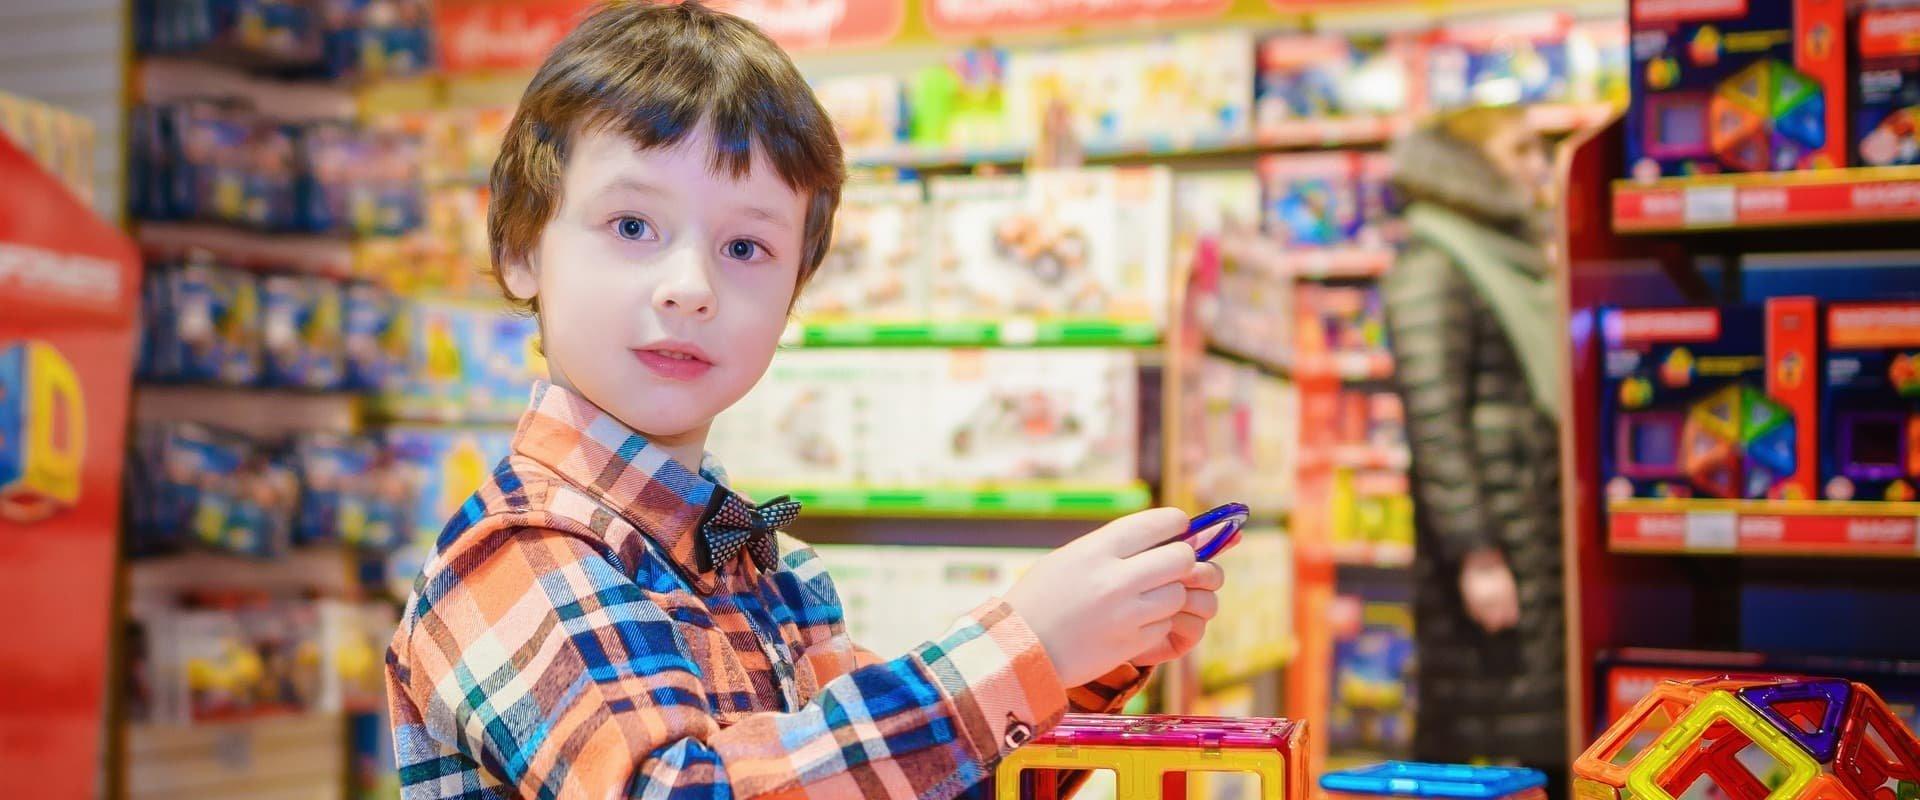 Spielwaren Großhandel und Spielwarengeschäft Einzelhandel Software